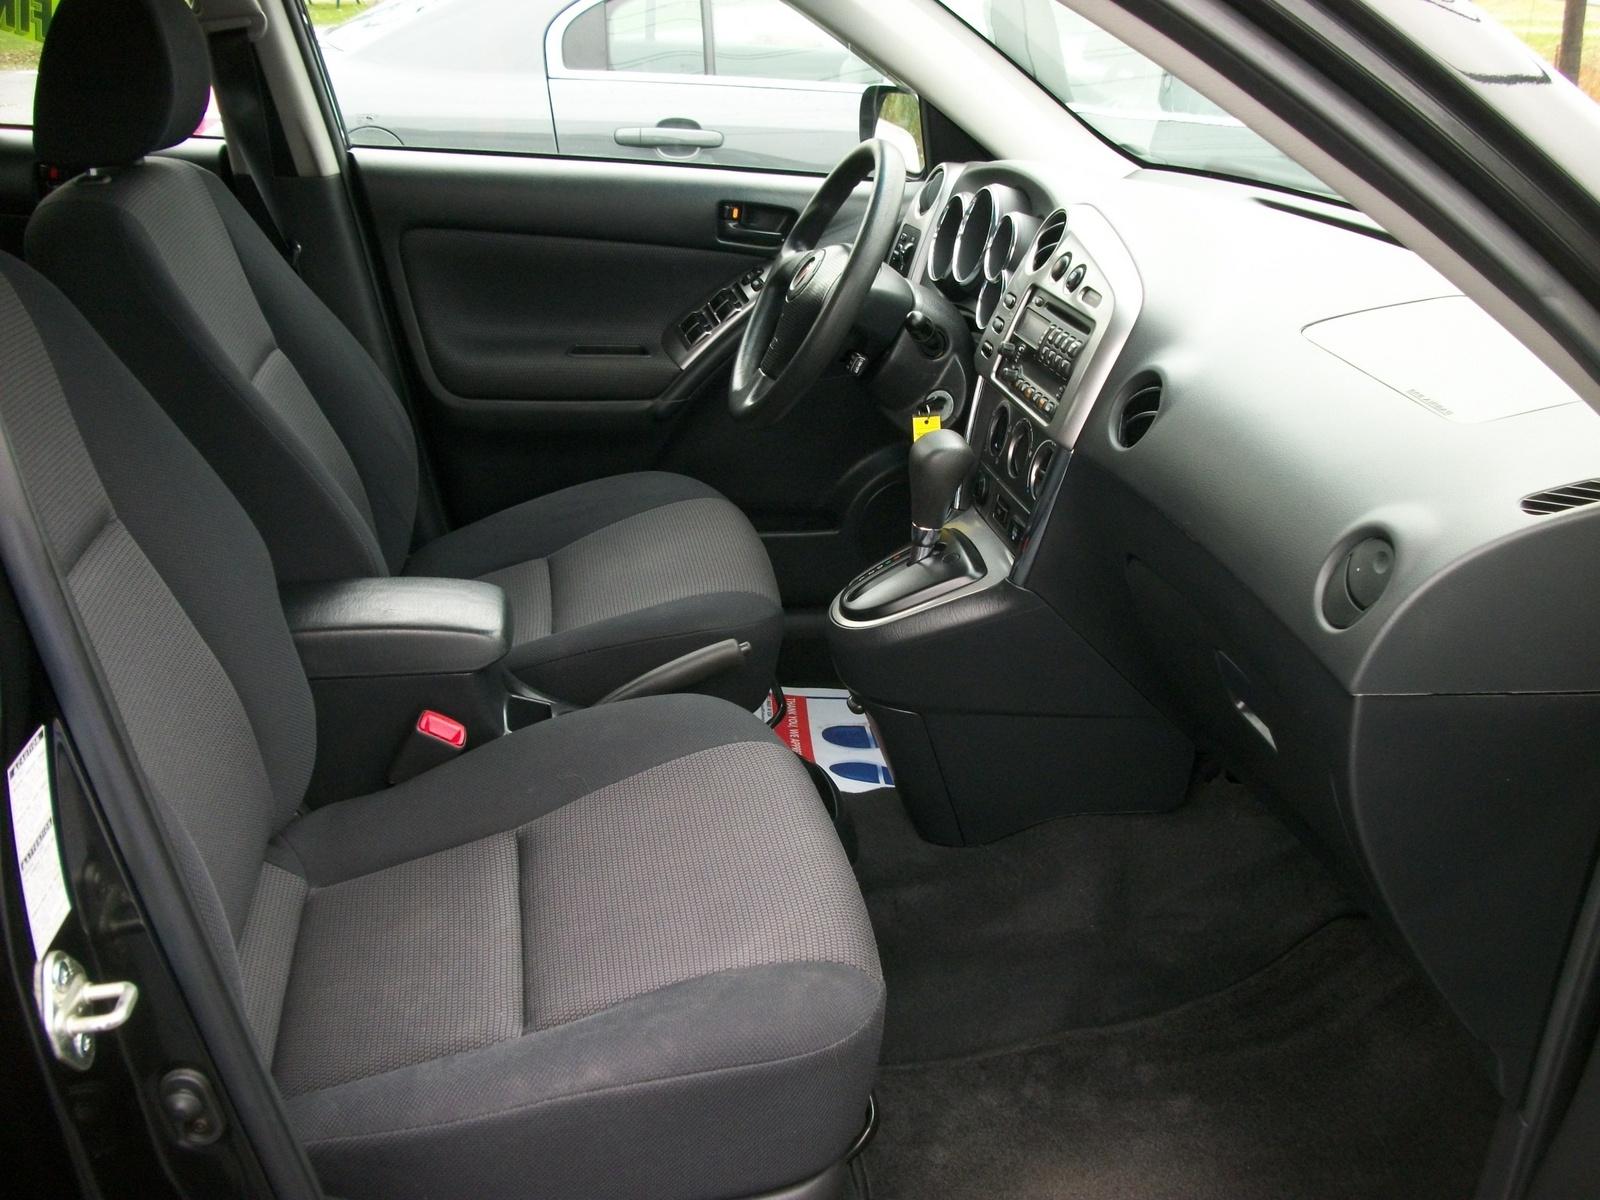 2005 Pontiac Vibe Interior Pictures Cargurus